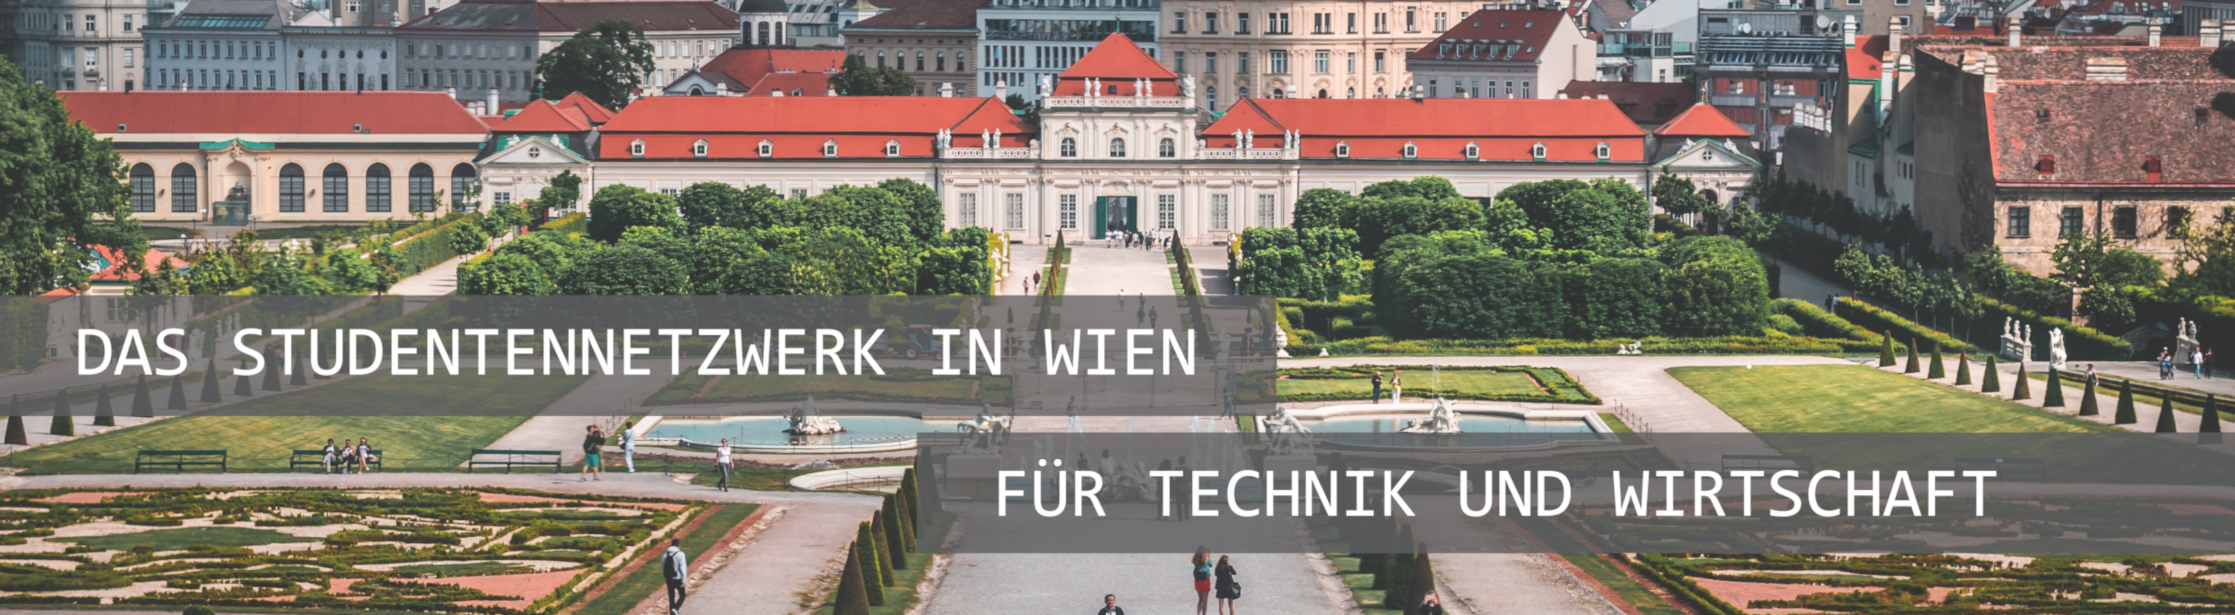 Wien_05_GIMP2